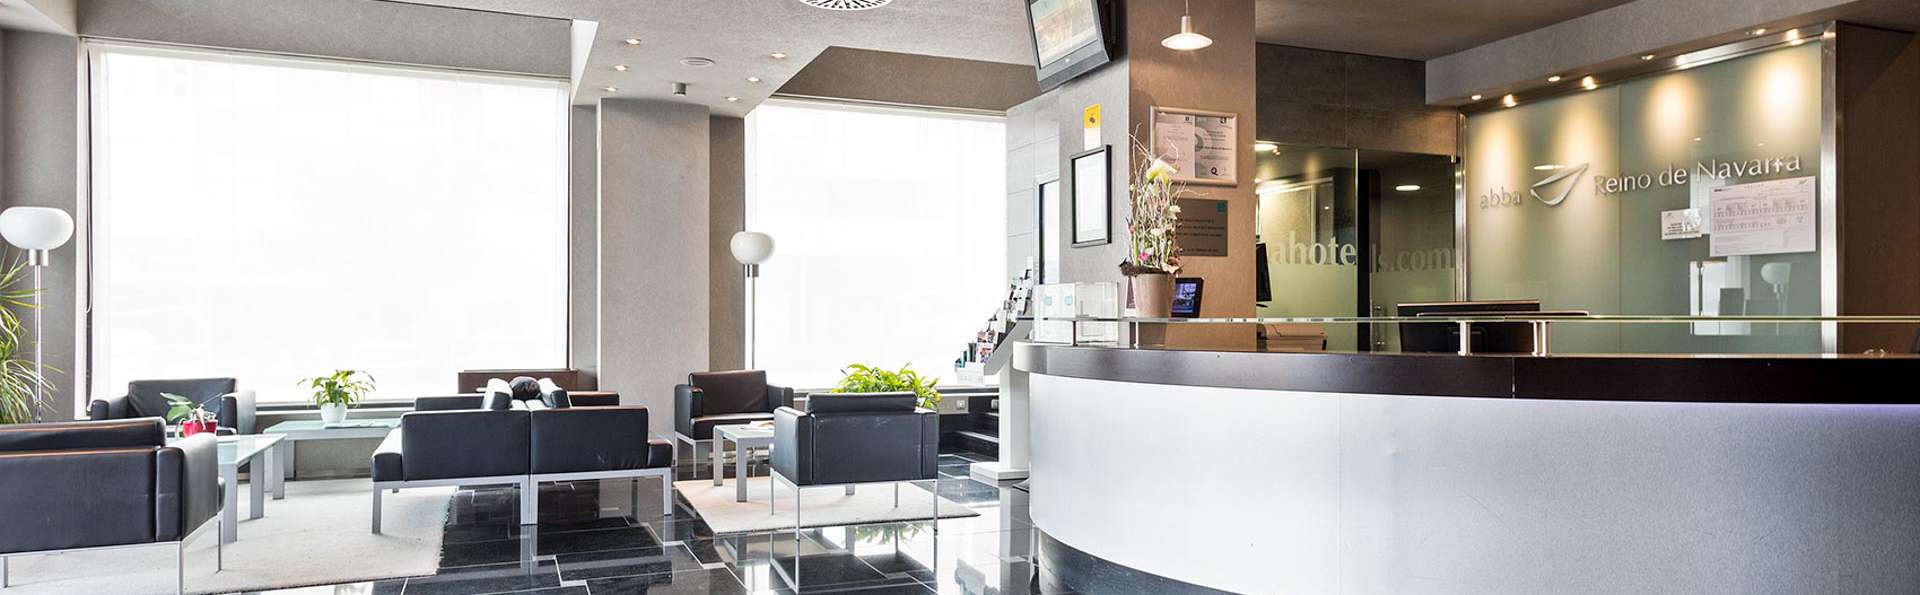 Abba Reino de Navarra Hotel - EDIT_LOBBY_01.jpg